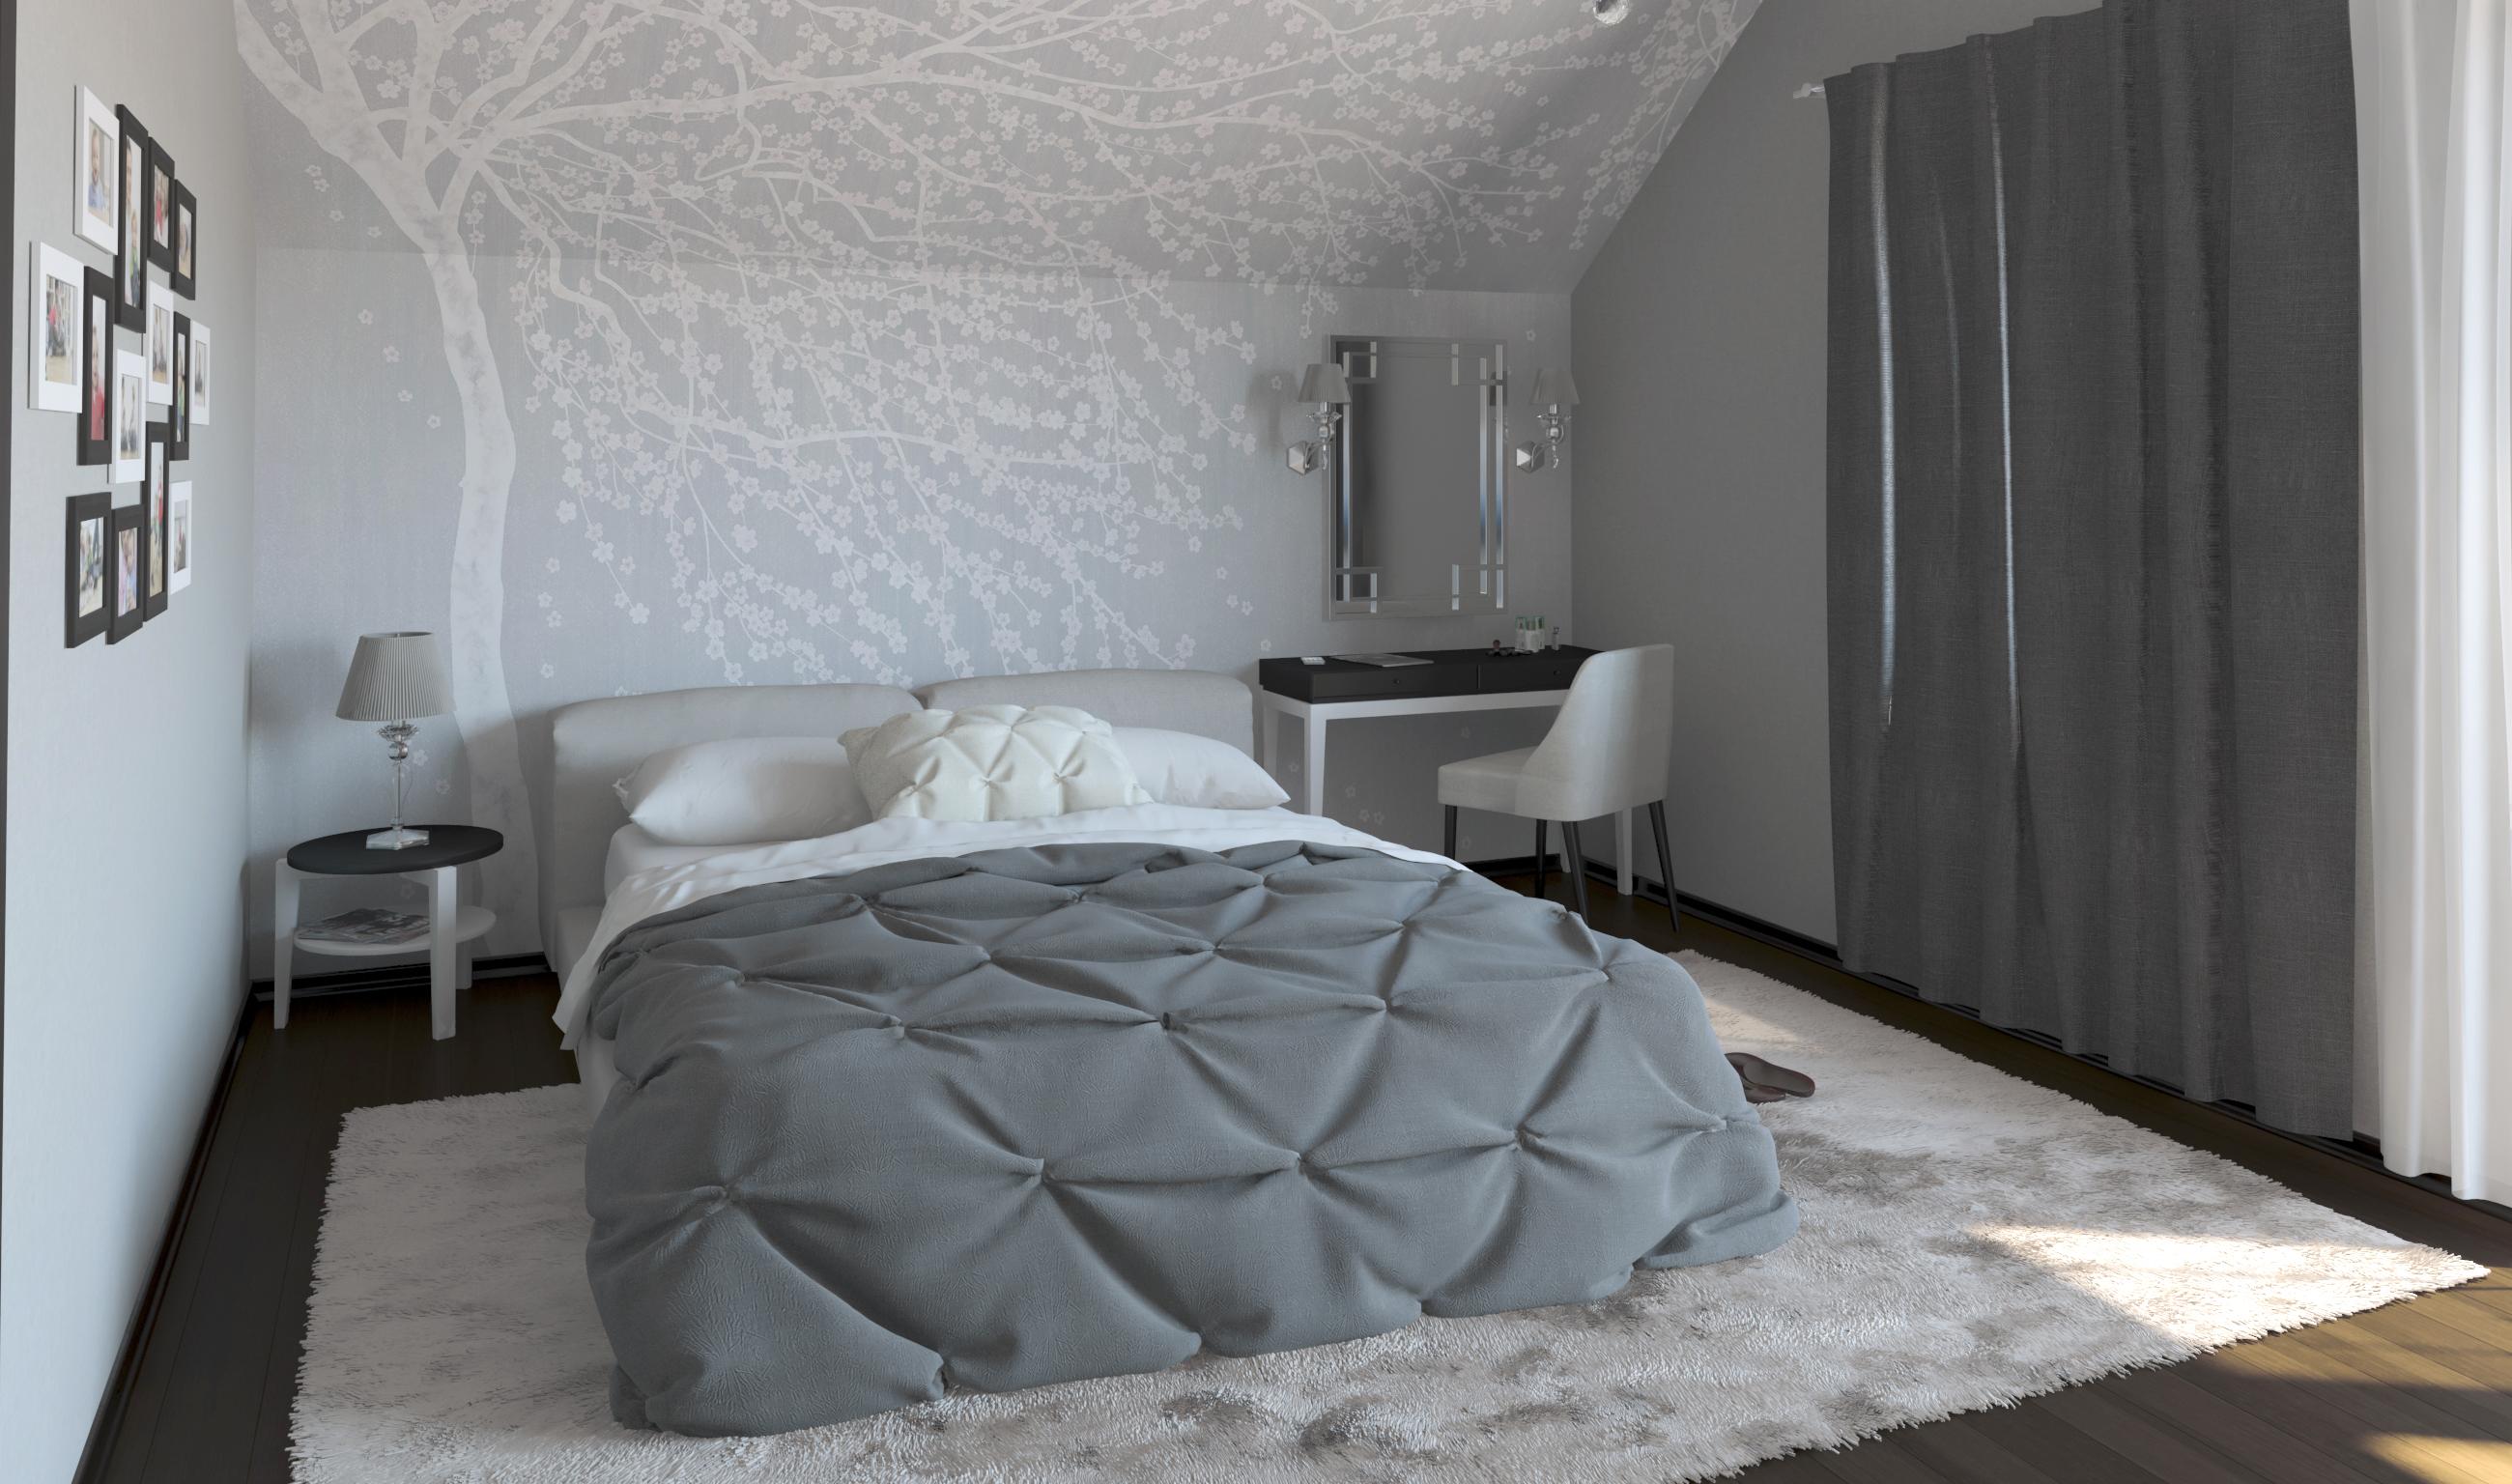 Дом в анапе 2 этаж (11)